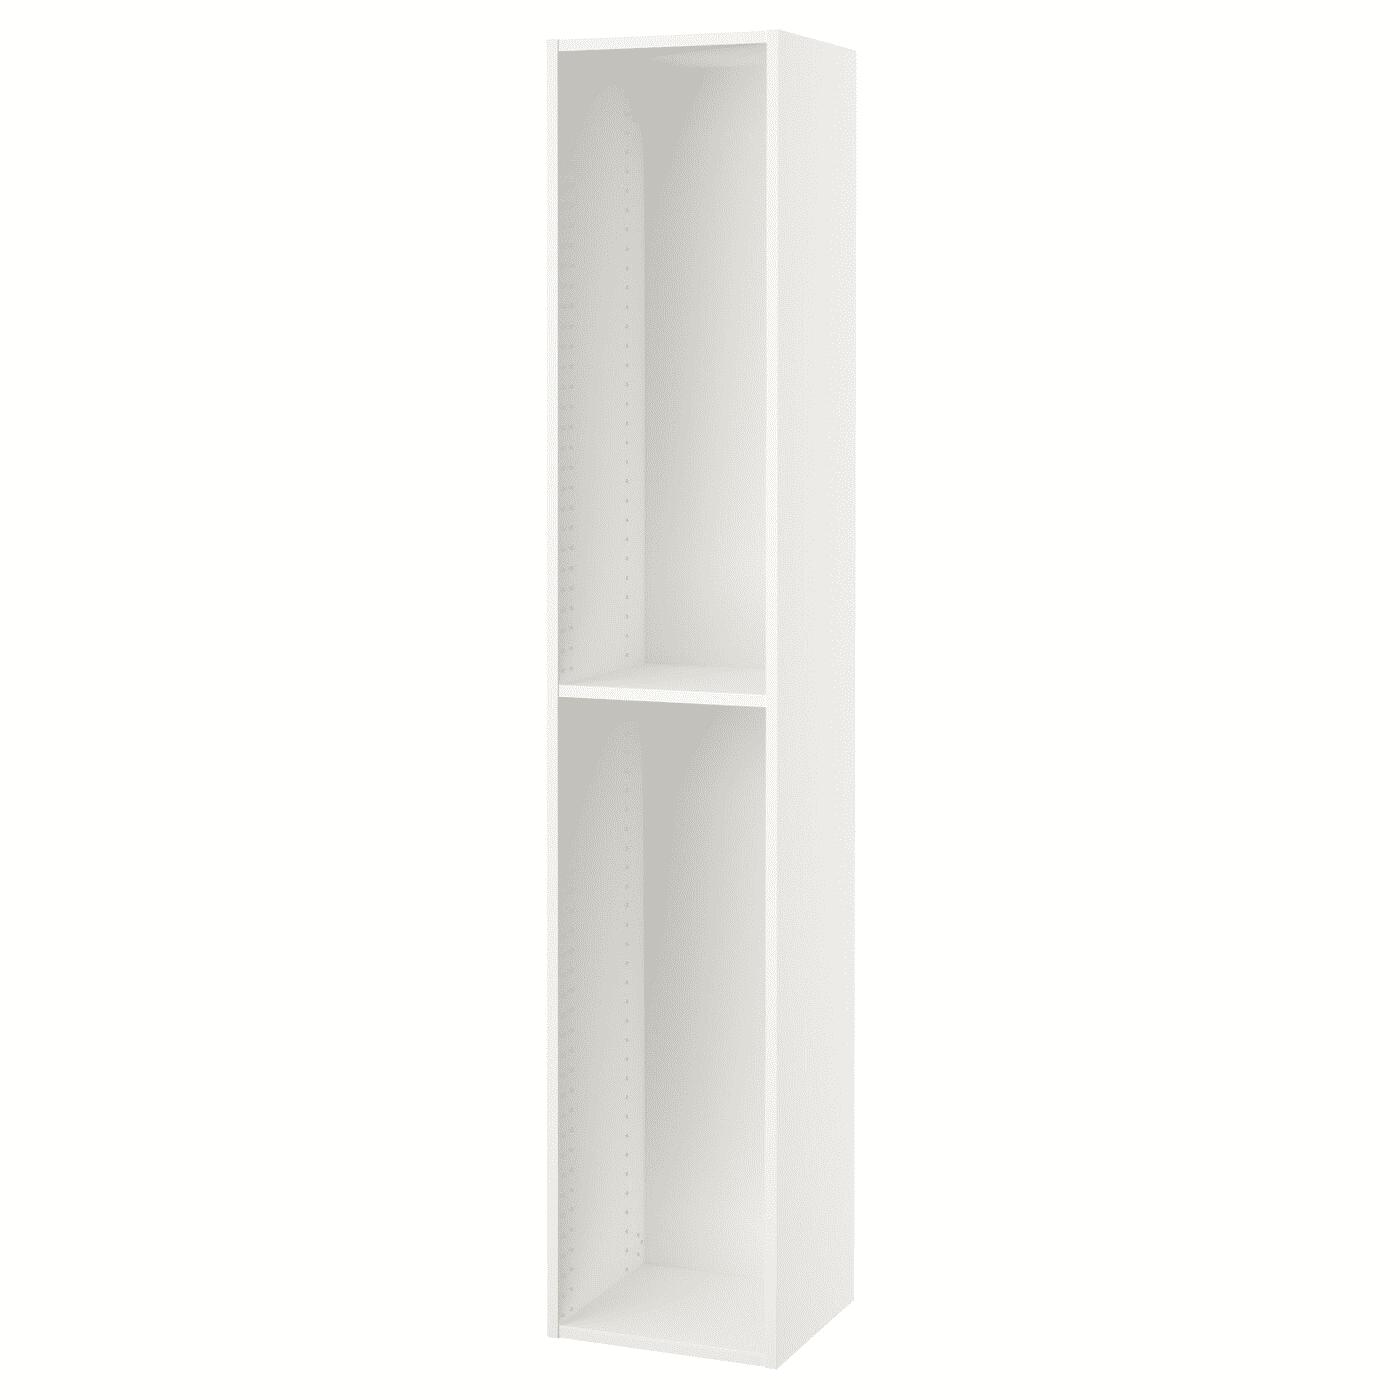 Sektion High Cabinet Frame